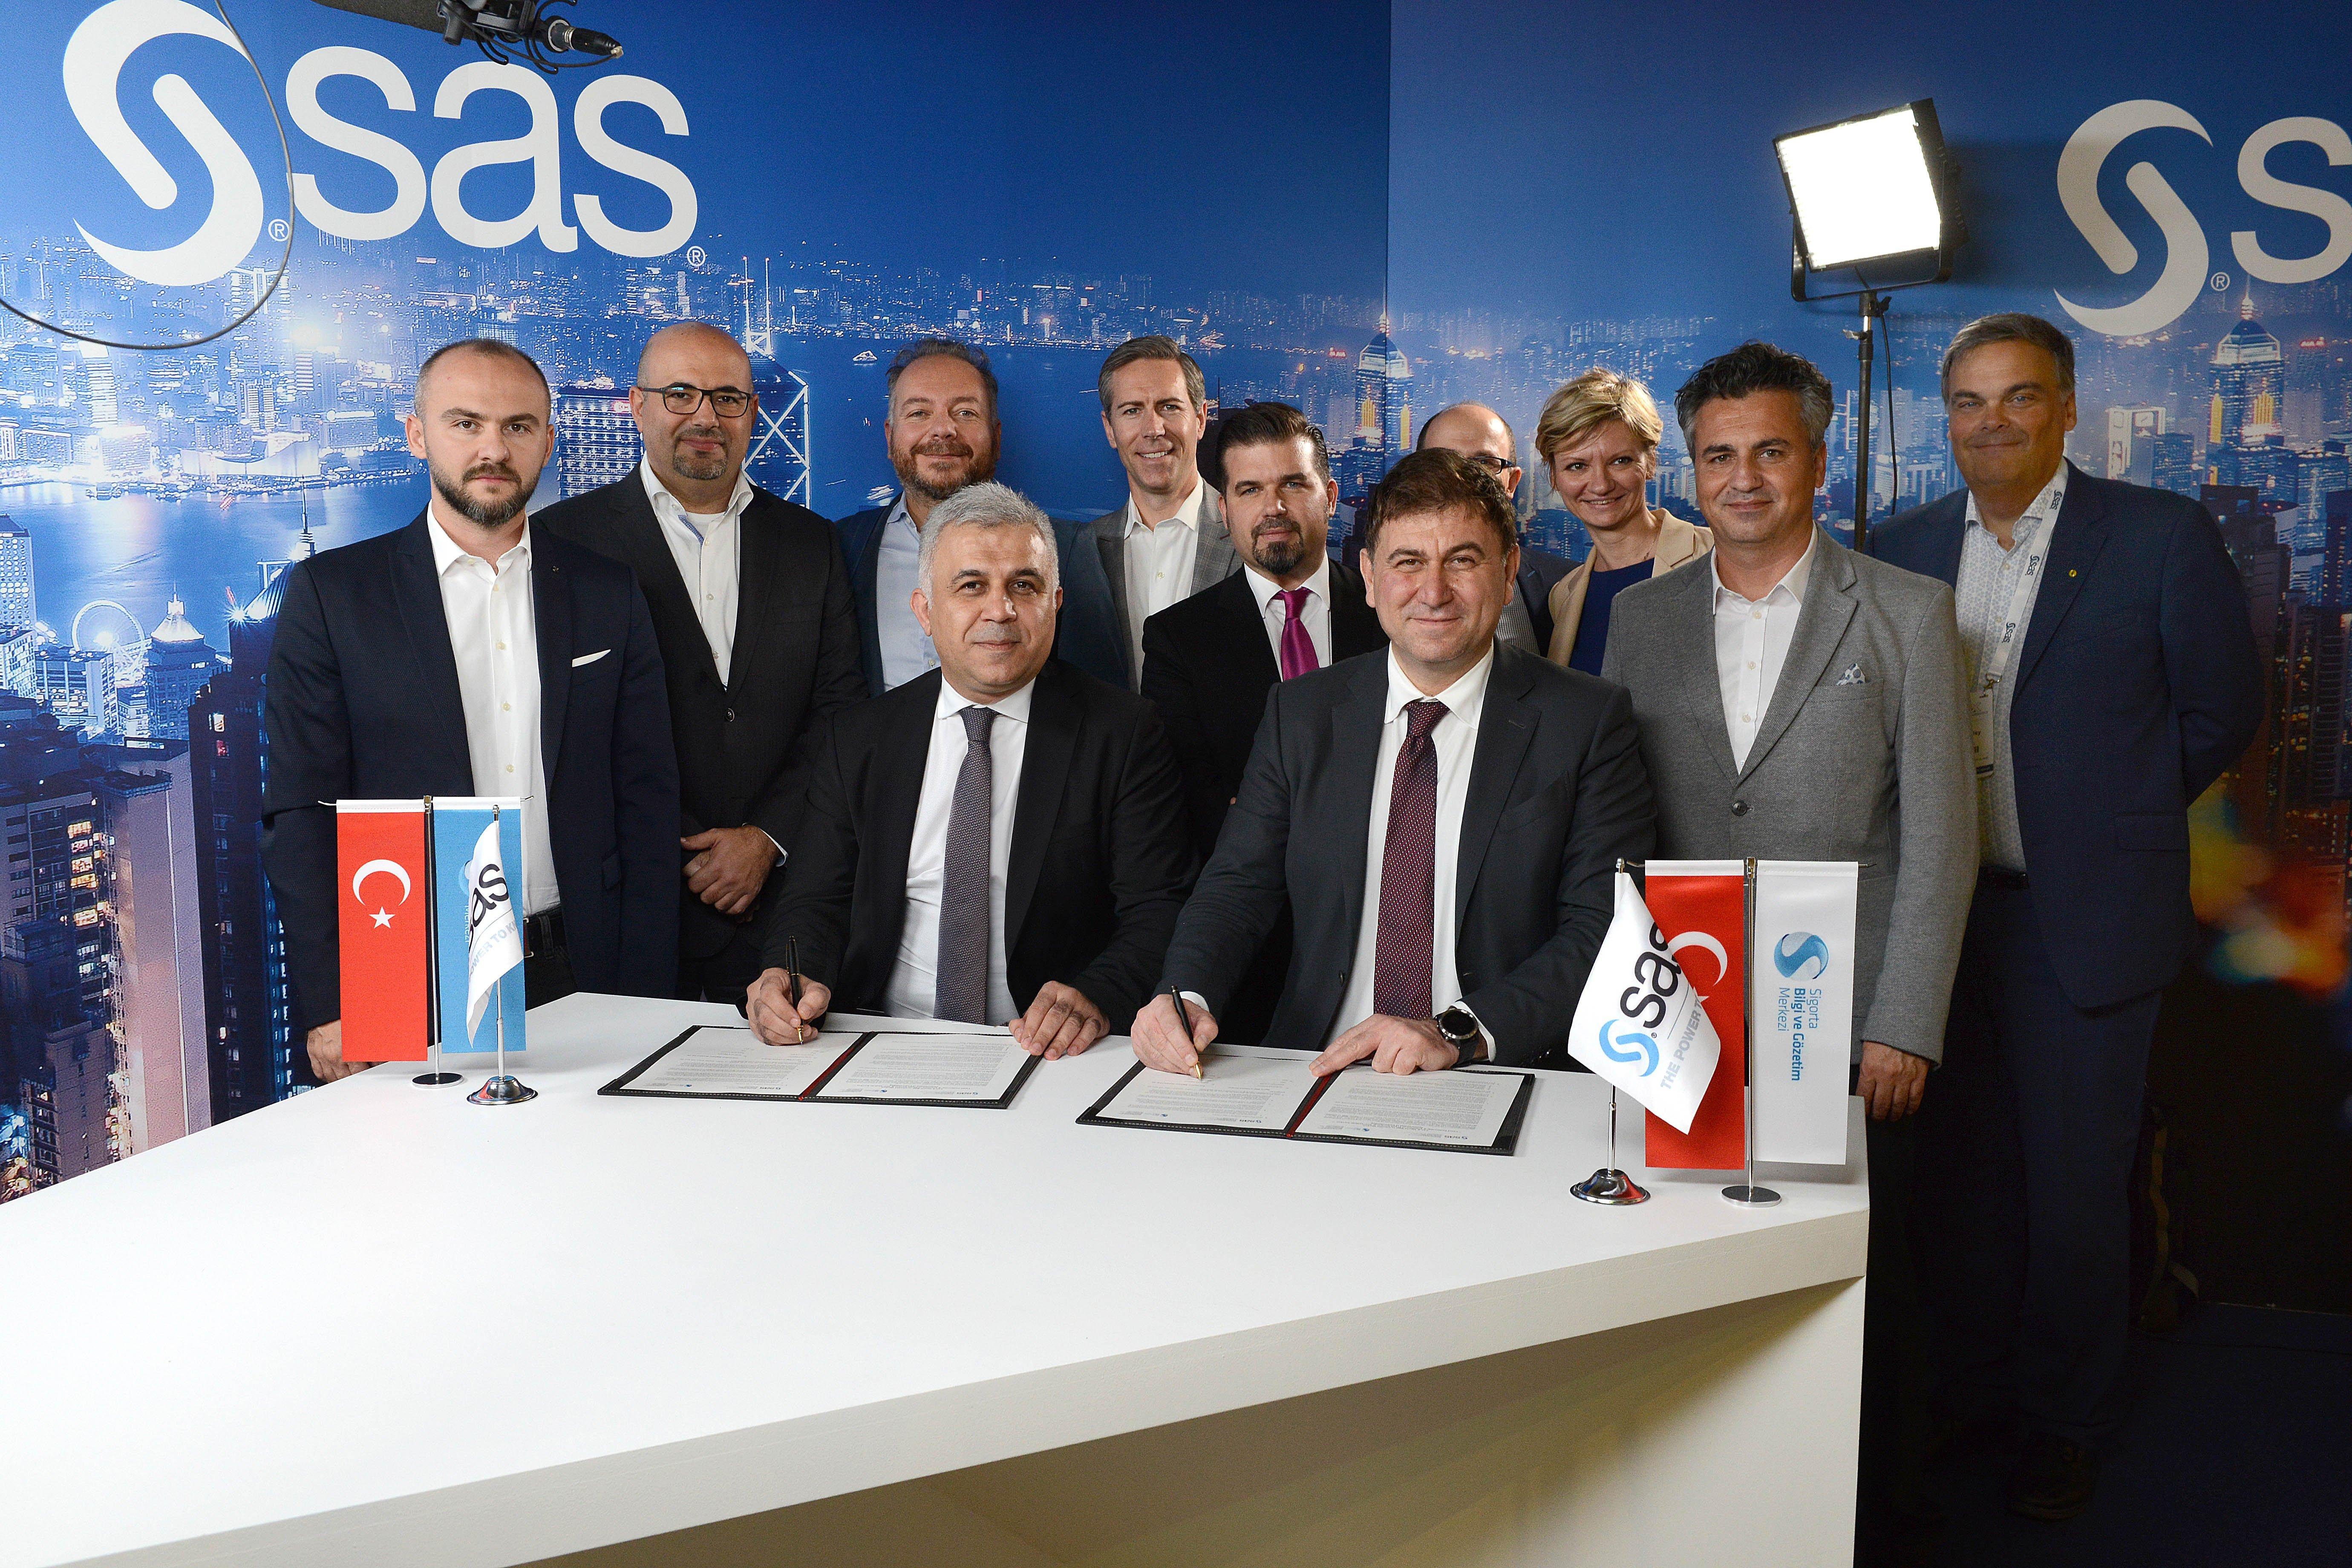 SBM ve SAS'tan Bulut Bilişim ve Analitik Servislerde İş Birlikteliği